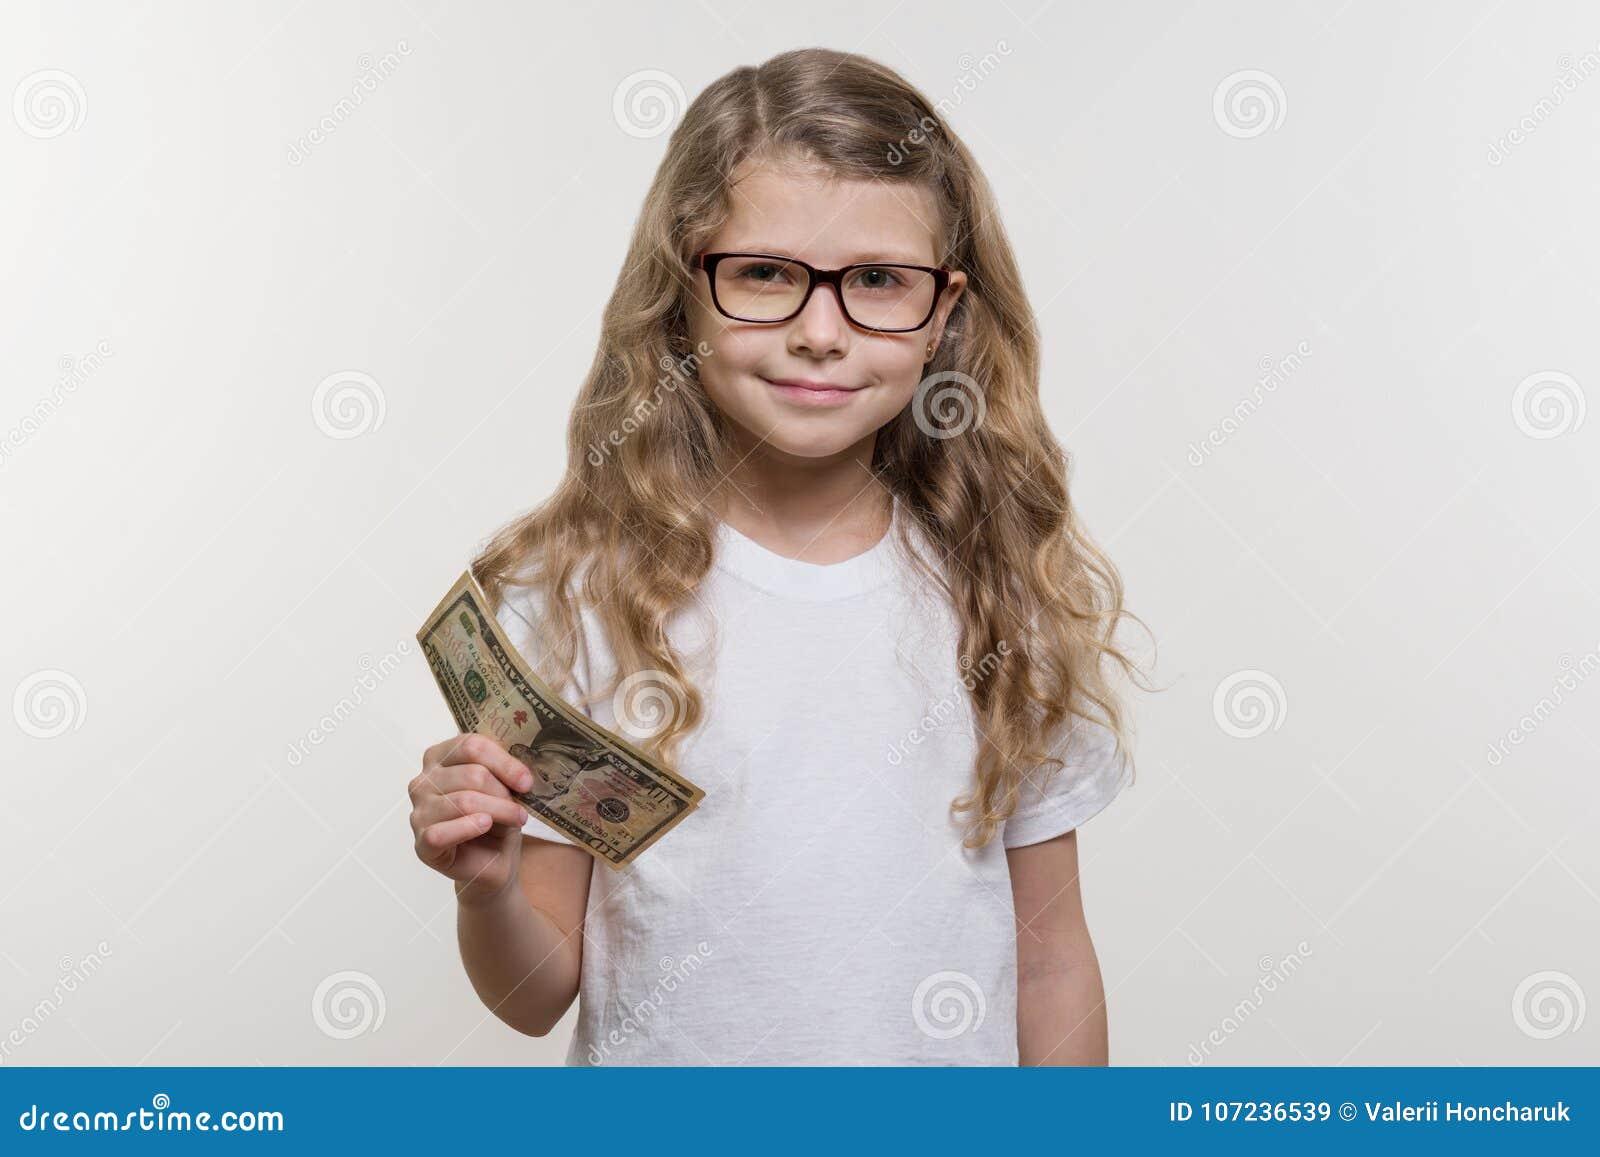 Niña sonriente con efectivo, dinero, finanzas y el concepto de gente